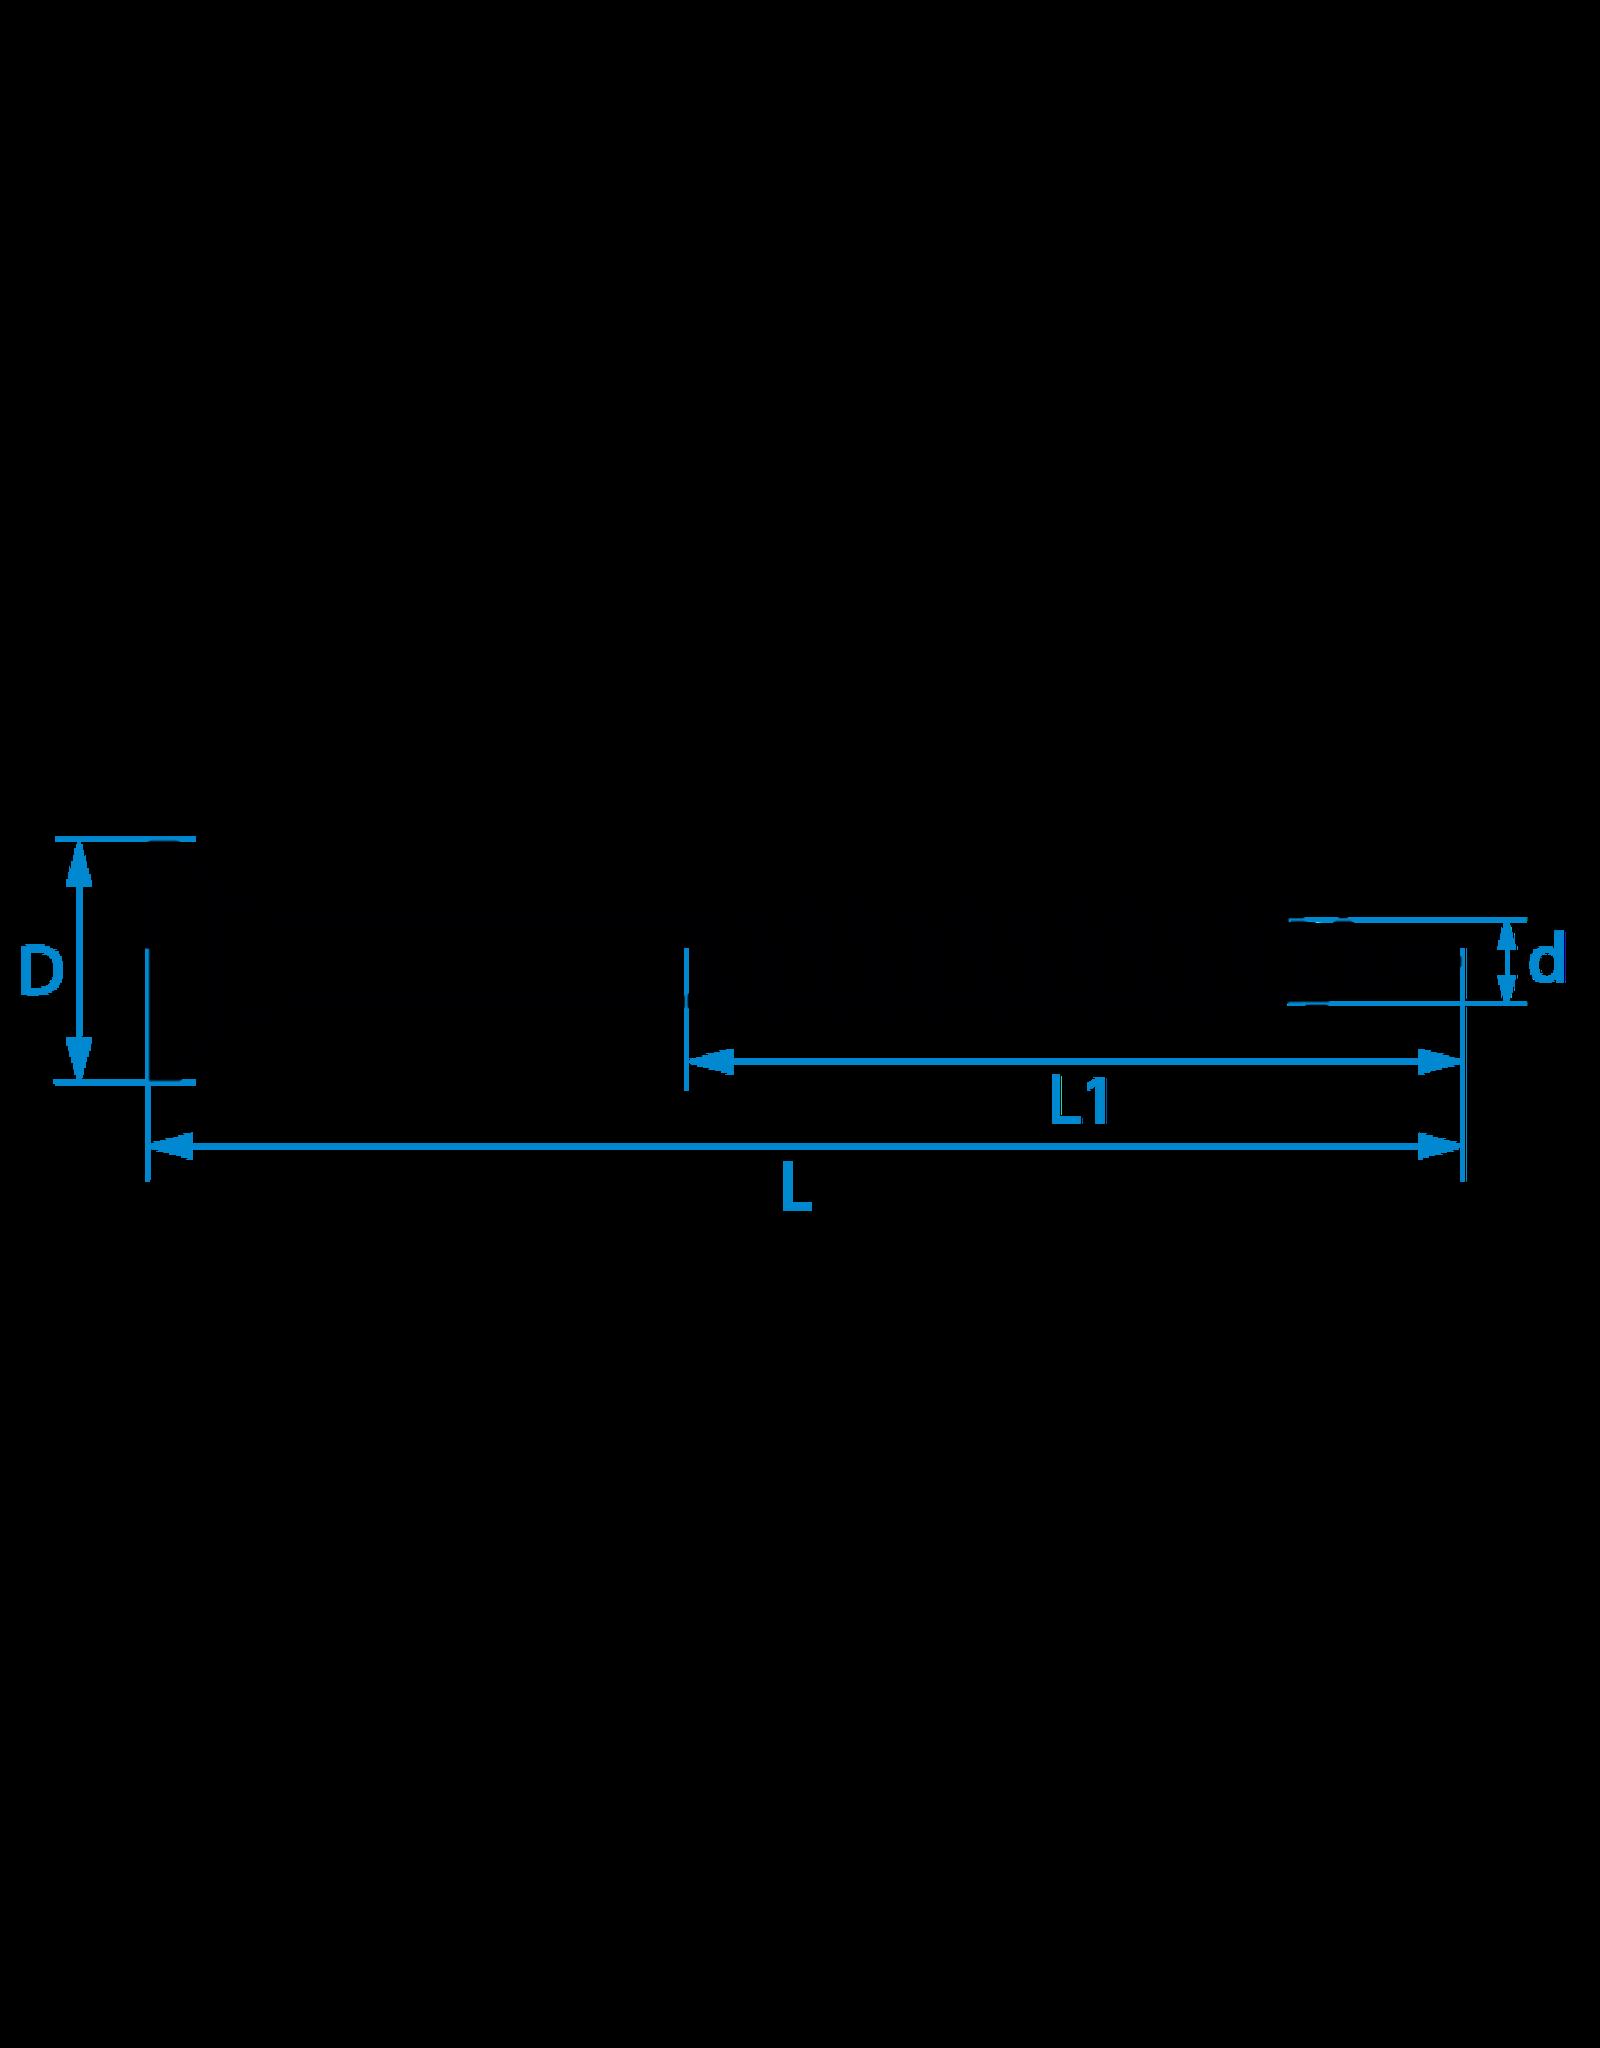 Spaanplaatschroeven platkop deeldraad 3.0x40/24 TX-10 staal gehard verzinkt per 200 stuks